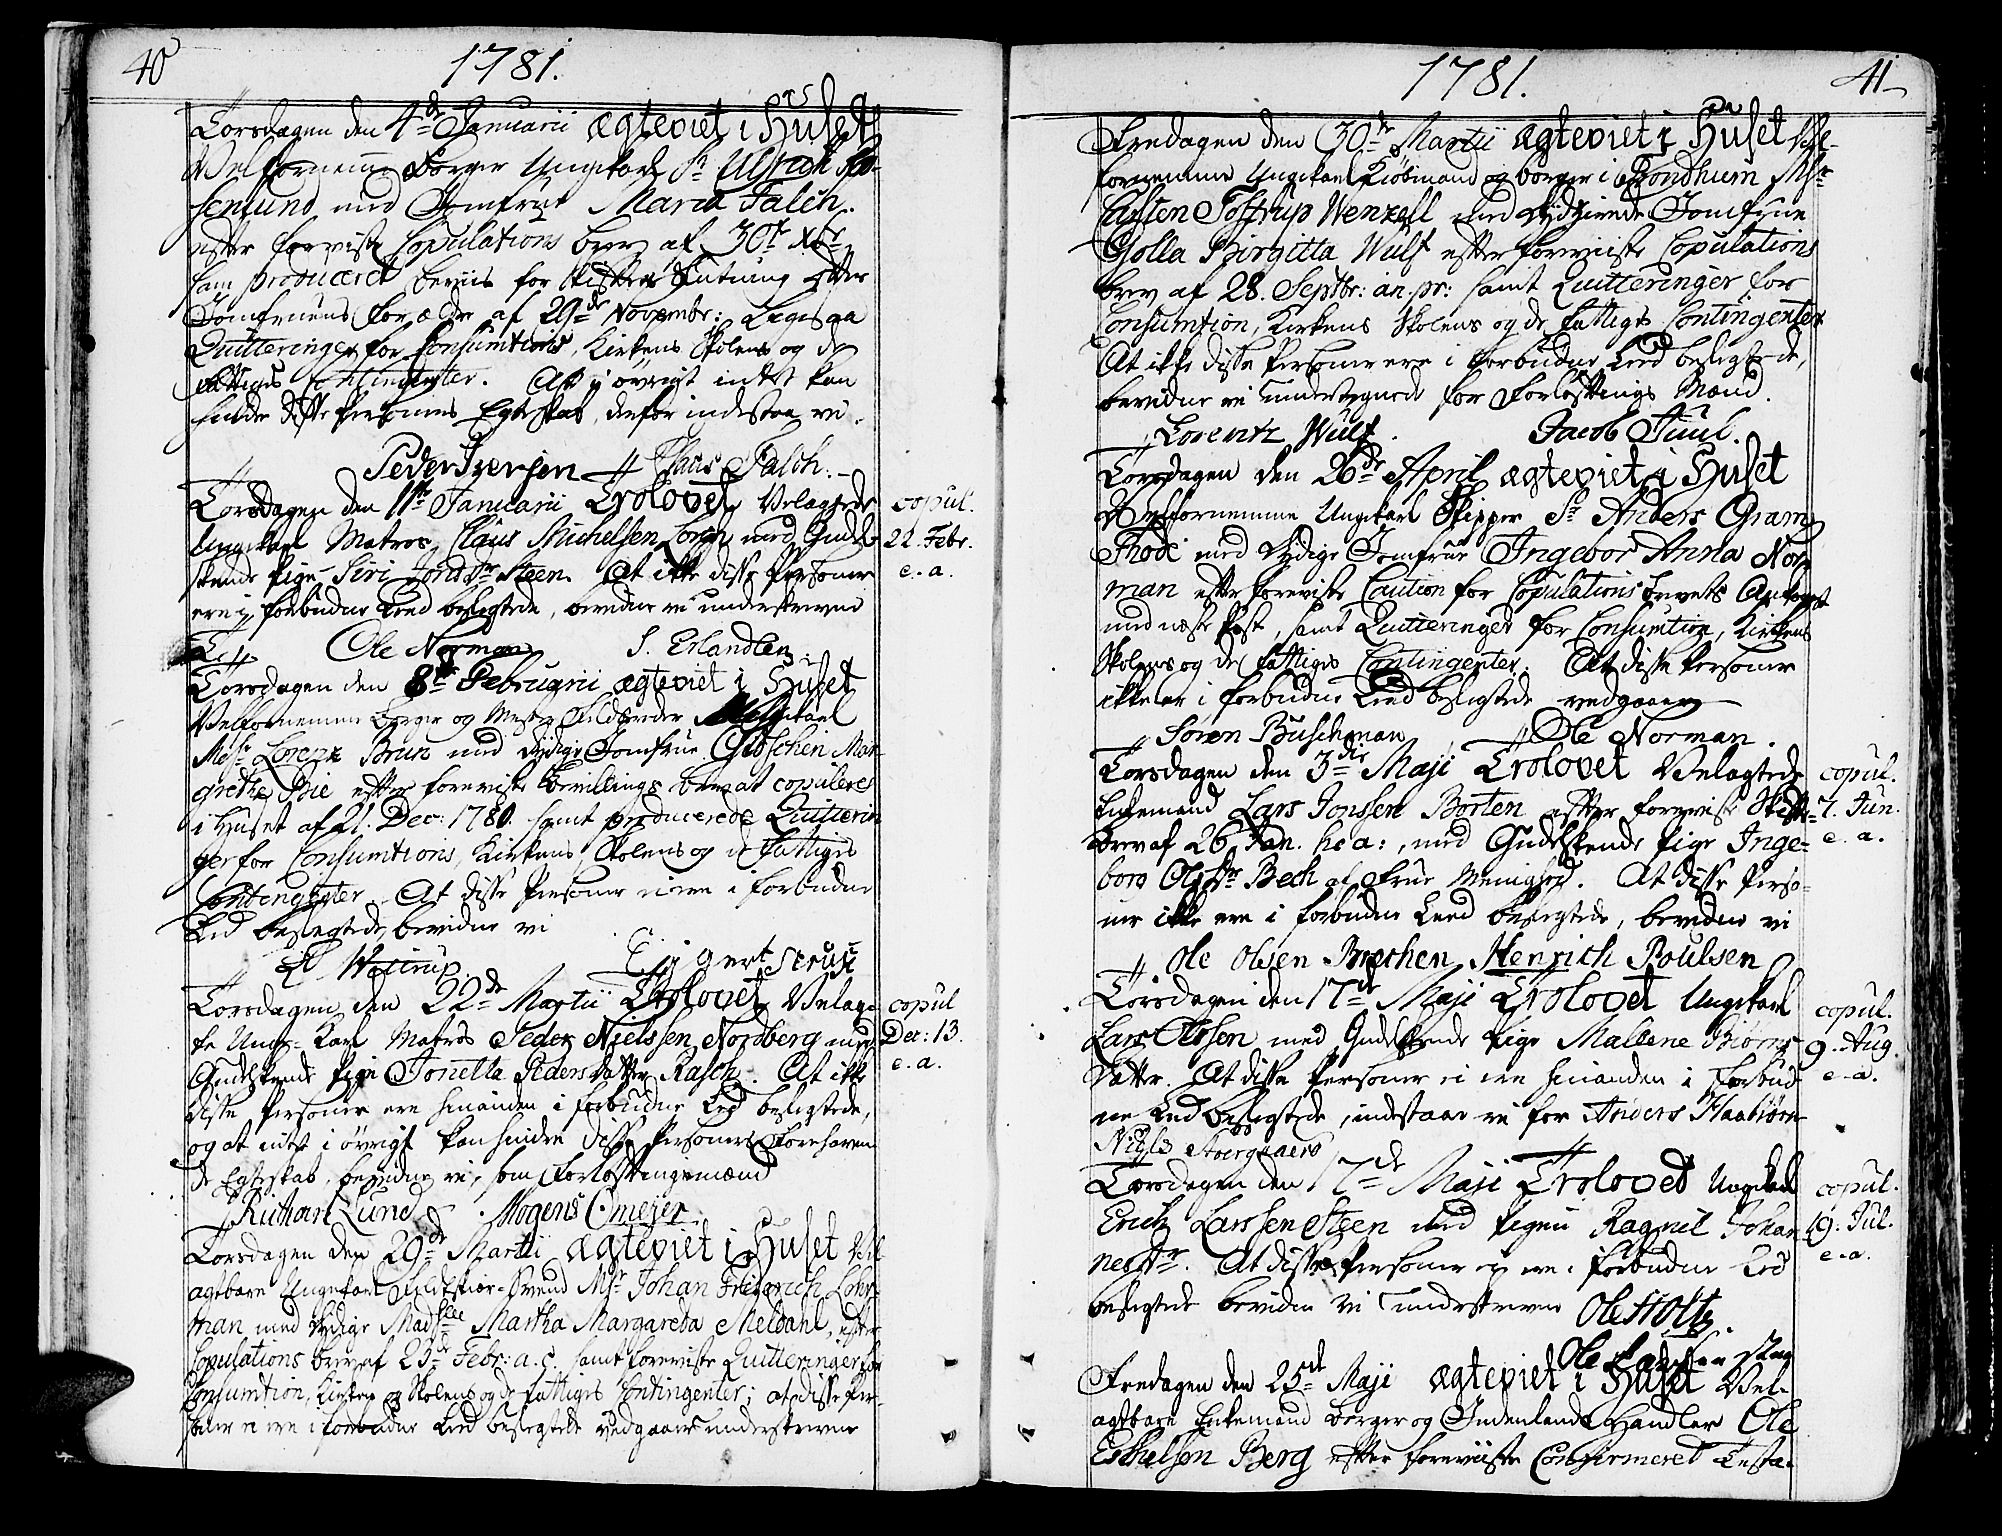 SAT, Ministerialprotokoller, klokkerbøker og fødselsregistre - Sør-Trøndelag, 602/L0105: Ministerialbok nr. 602A03, 1774-1814, s. 40-41